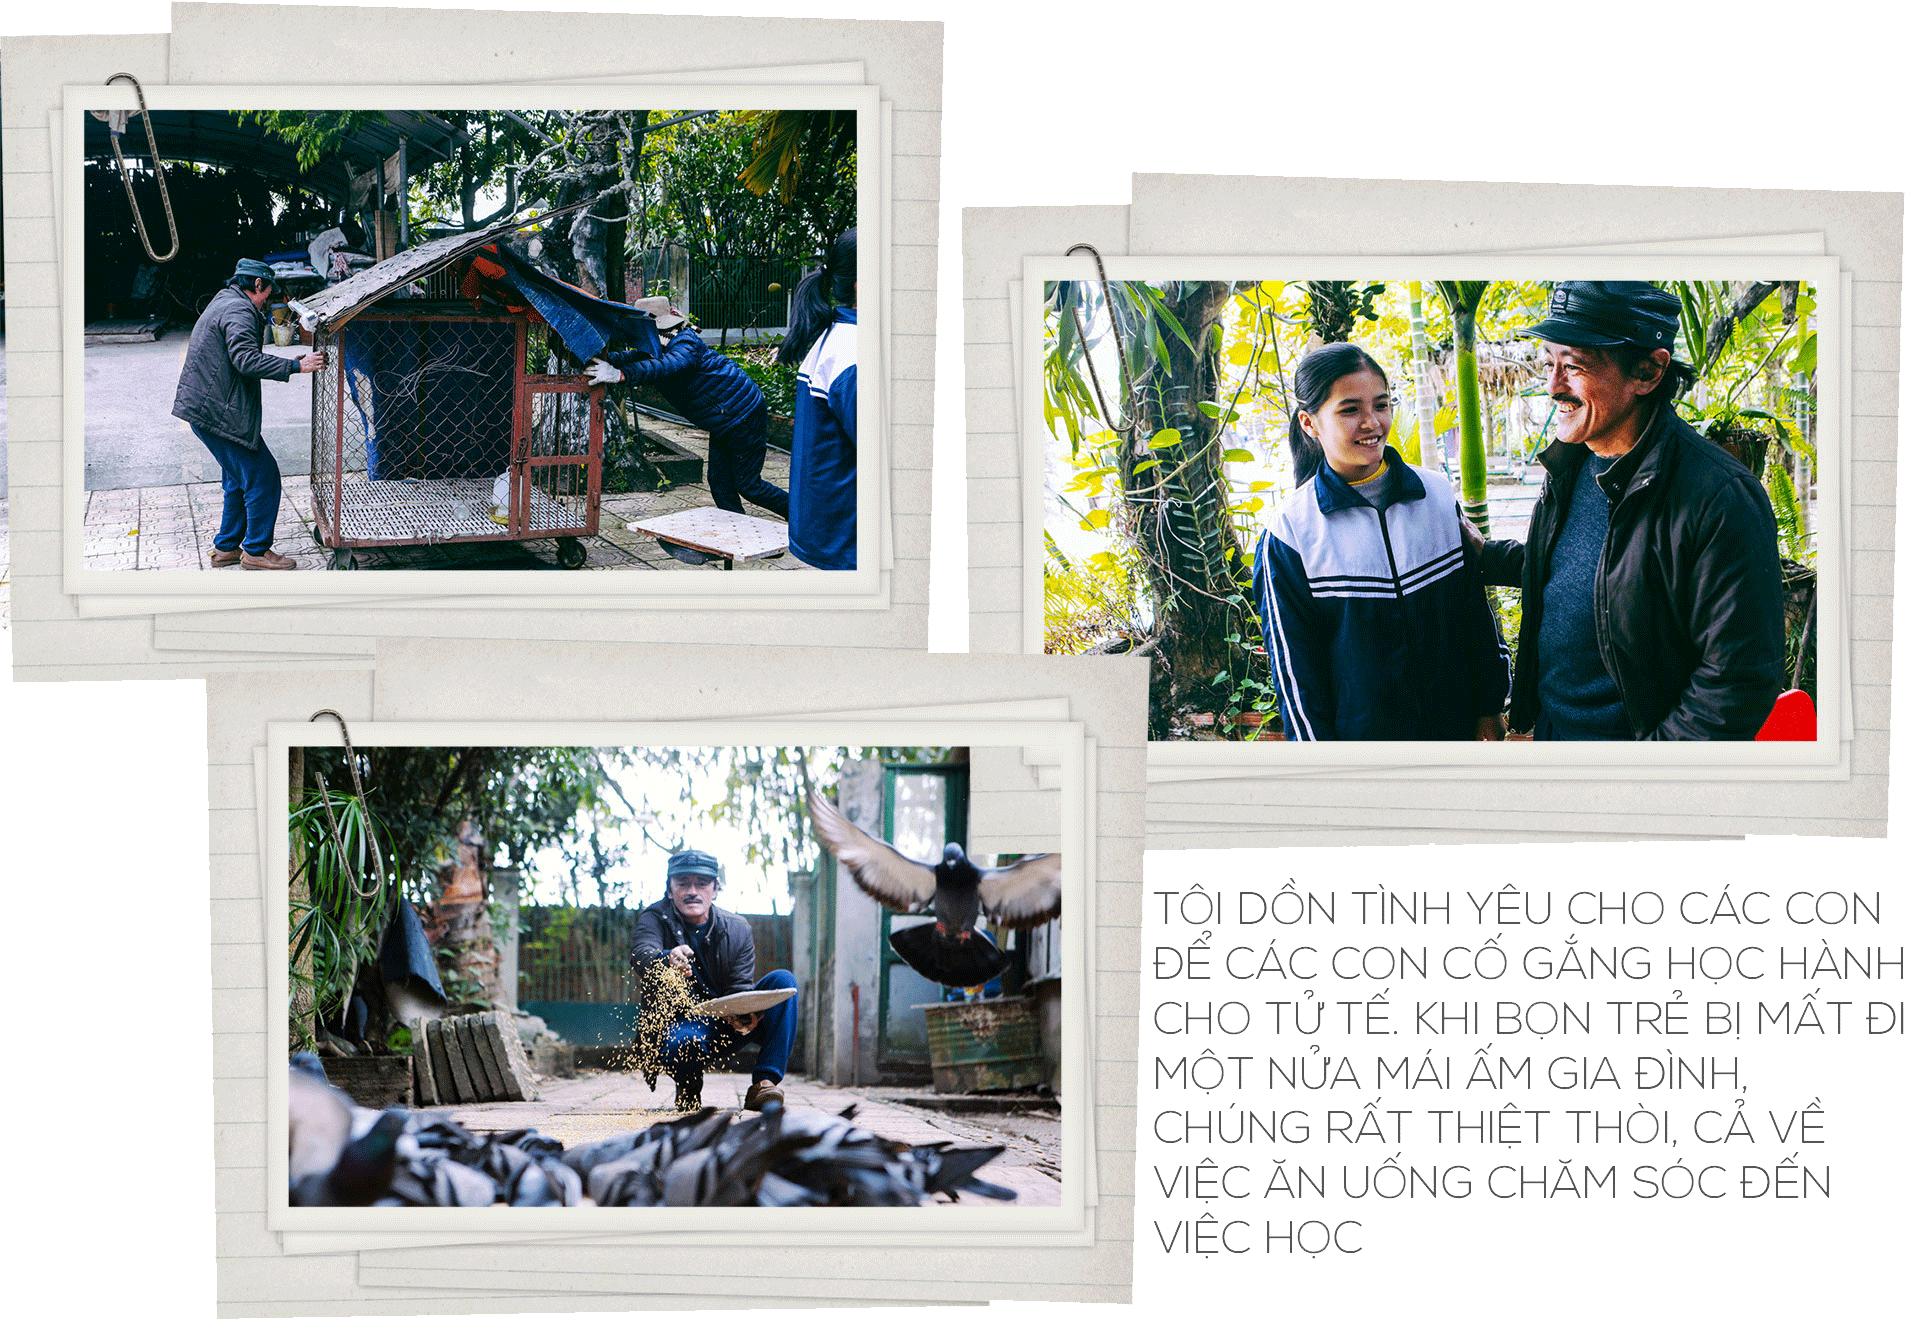 Nghệ sĩ Giang Còi: Ở nhà vườn rộng 10.000m2, tôi khổ còn hơn nông dân - 7